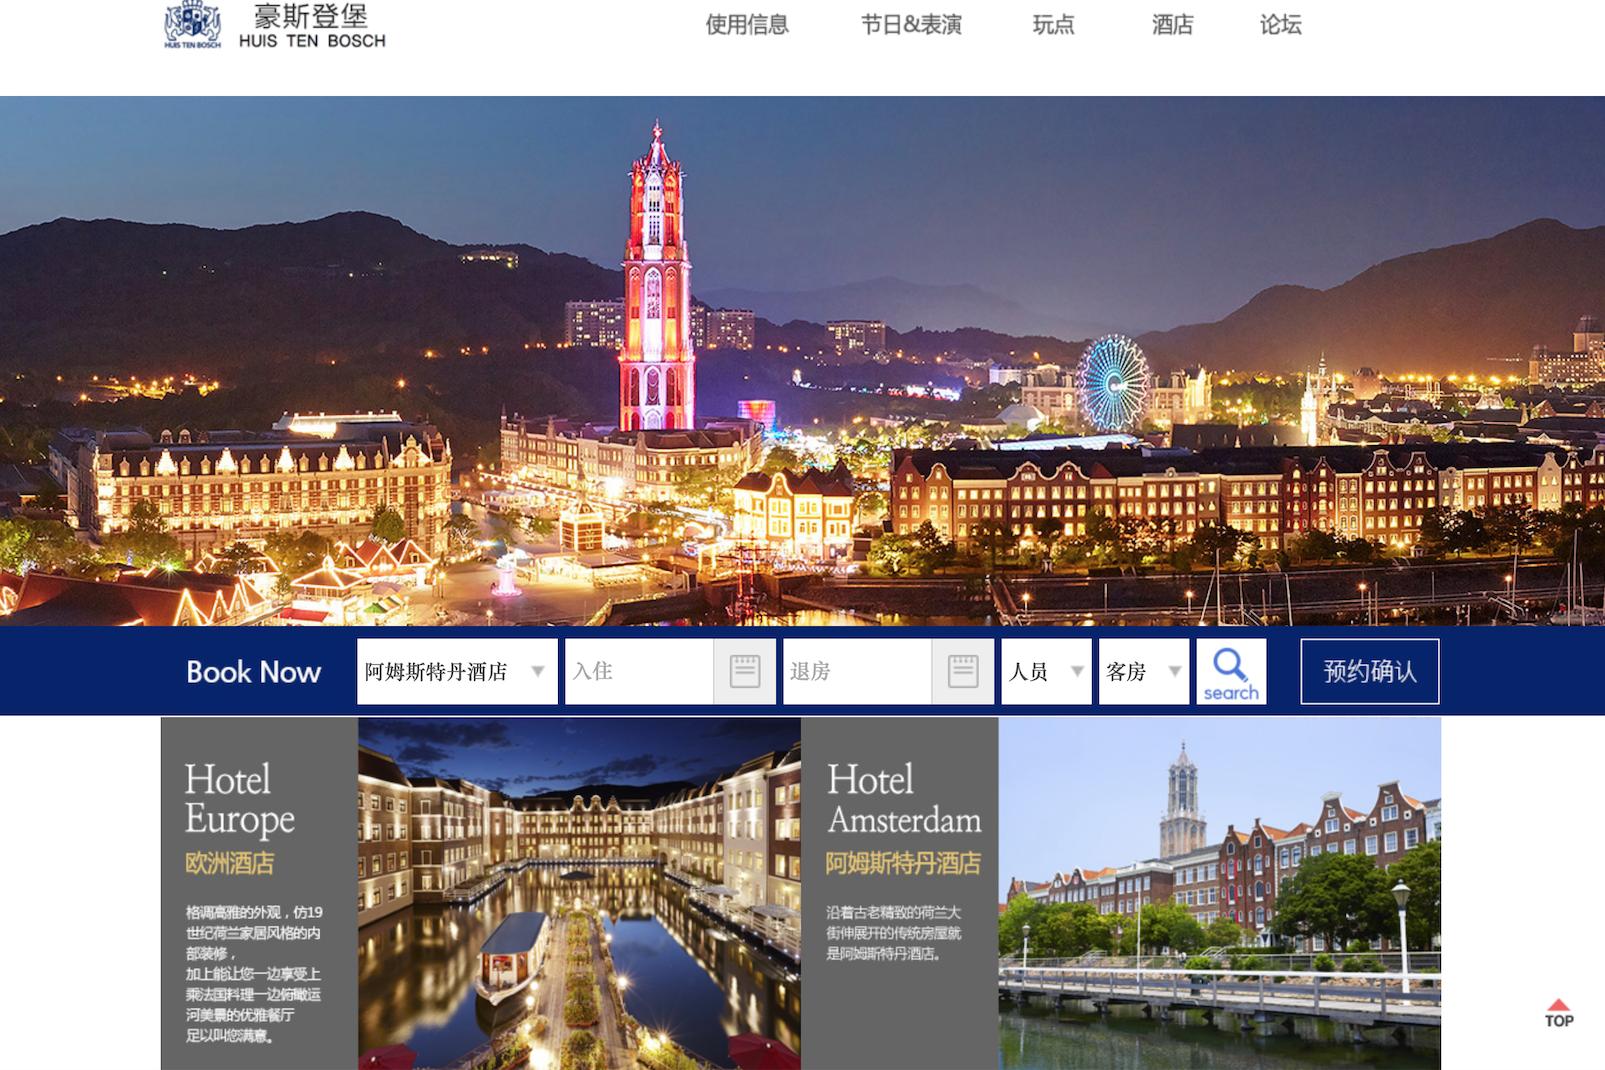 复星国际收购亚洲最大休闲度假主题公园、日本豪斯登堡运营商24.9%股权